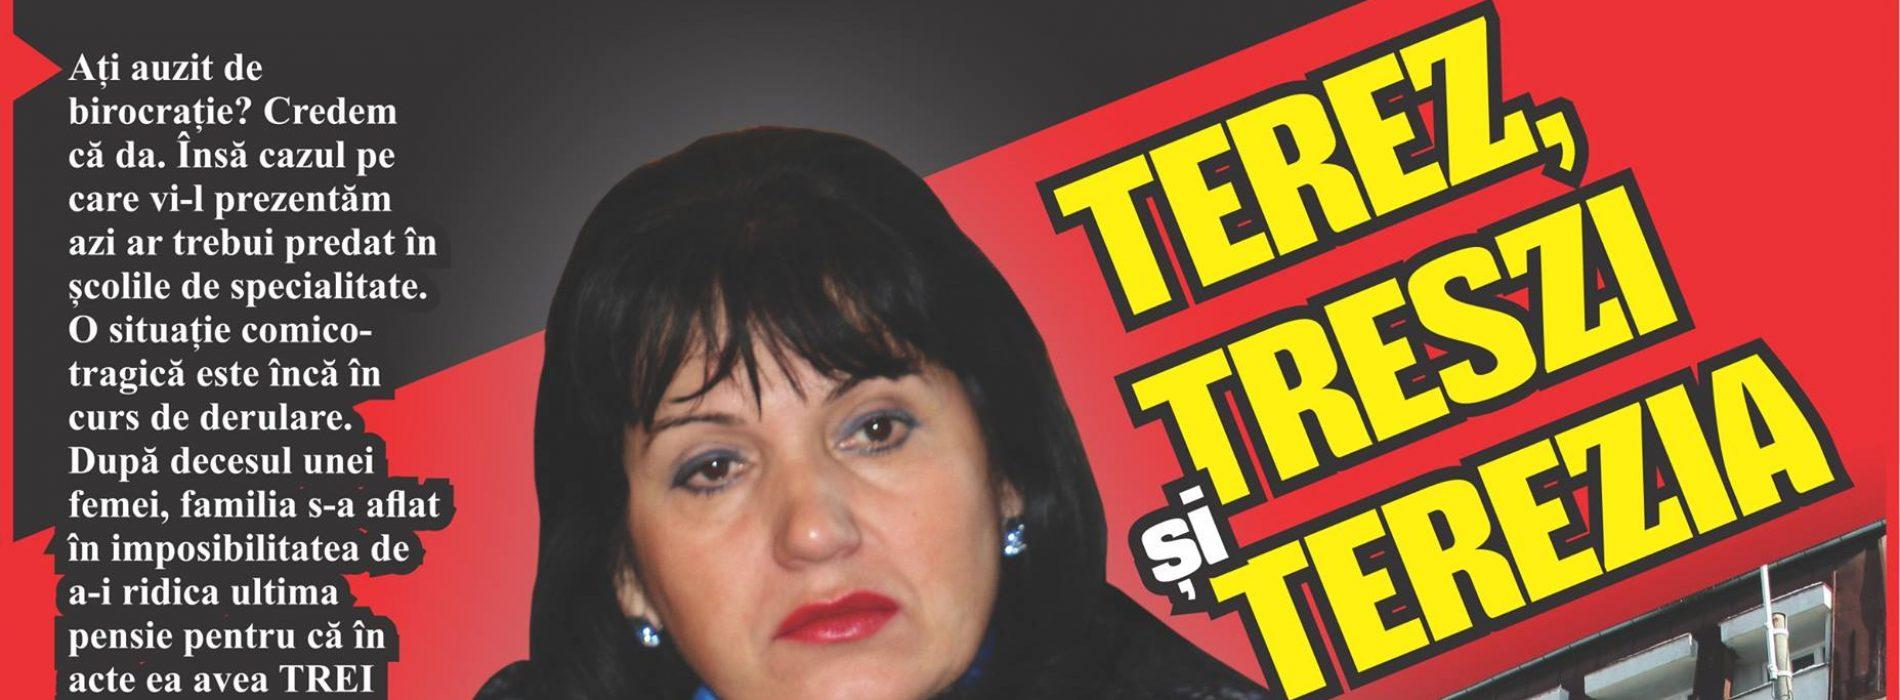 S-a descoperit după deces că o femeie   AVEA TREI PRENUME ÎN TREI ACTE OFICIALE:  TEREZ, TRESZI și TEREZIA